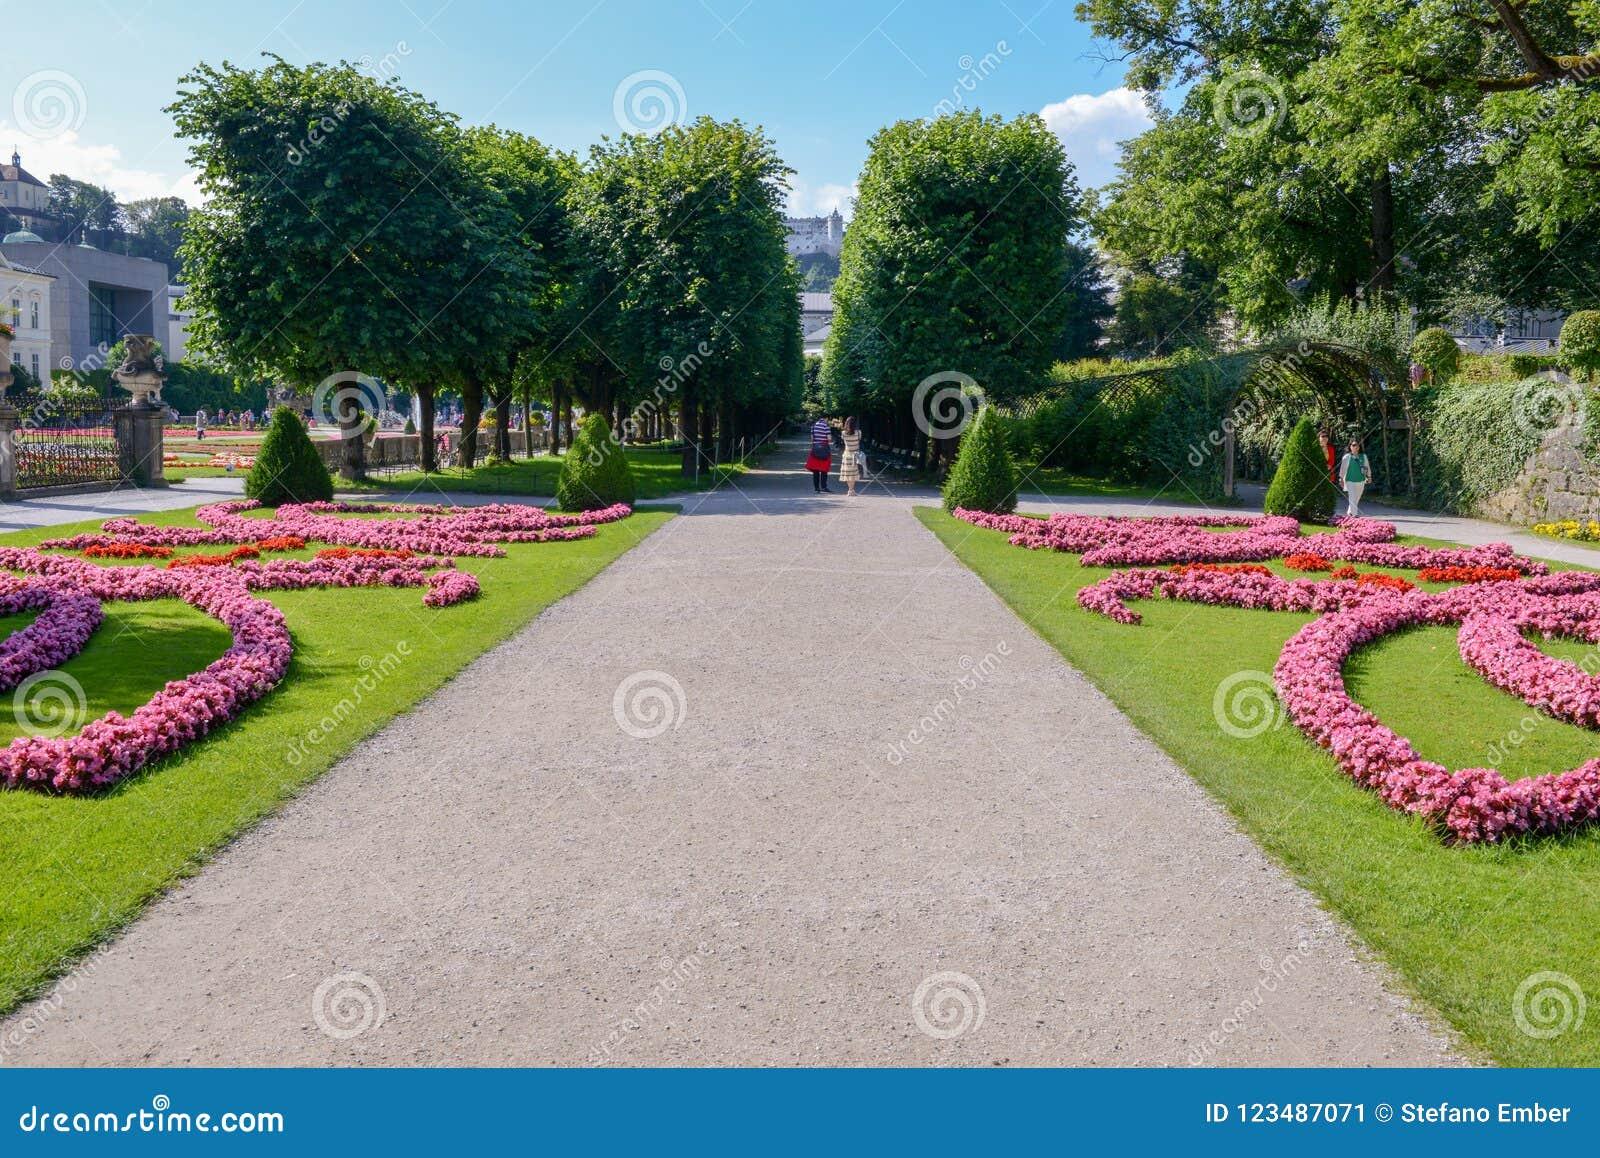 Blumen blühen am Mirabell-Palast-Garten in Salzburg, Österreich